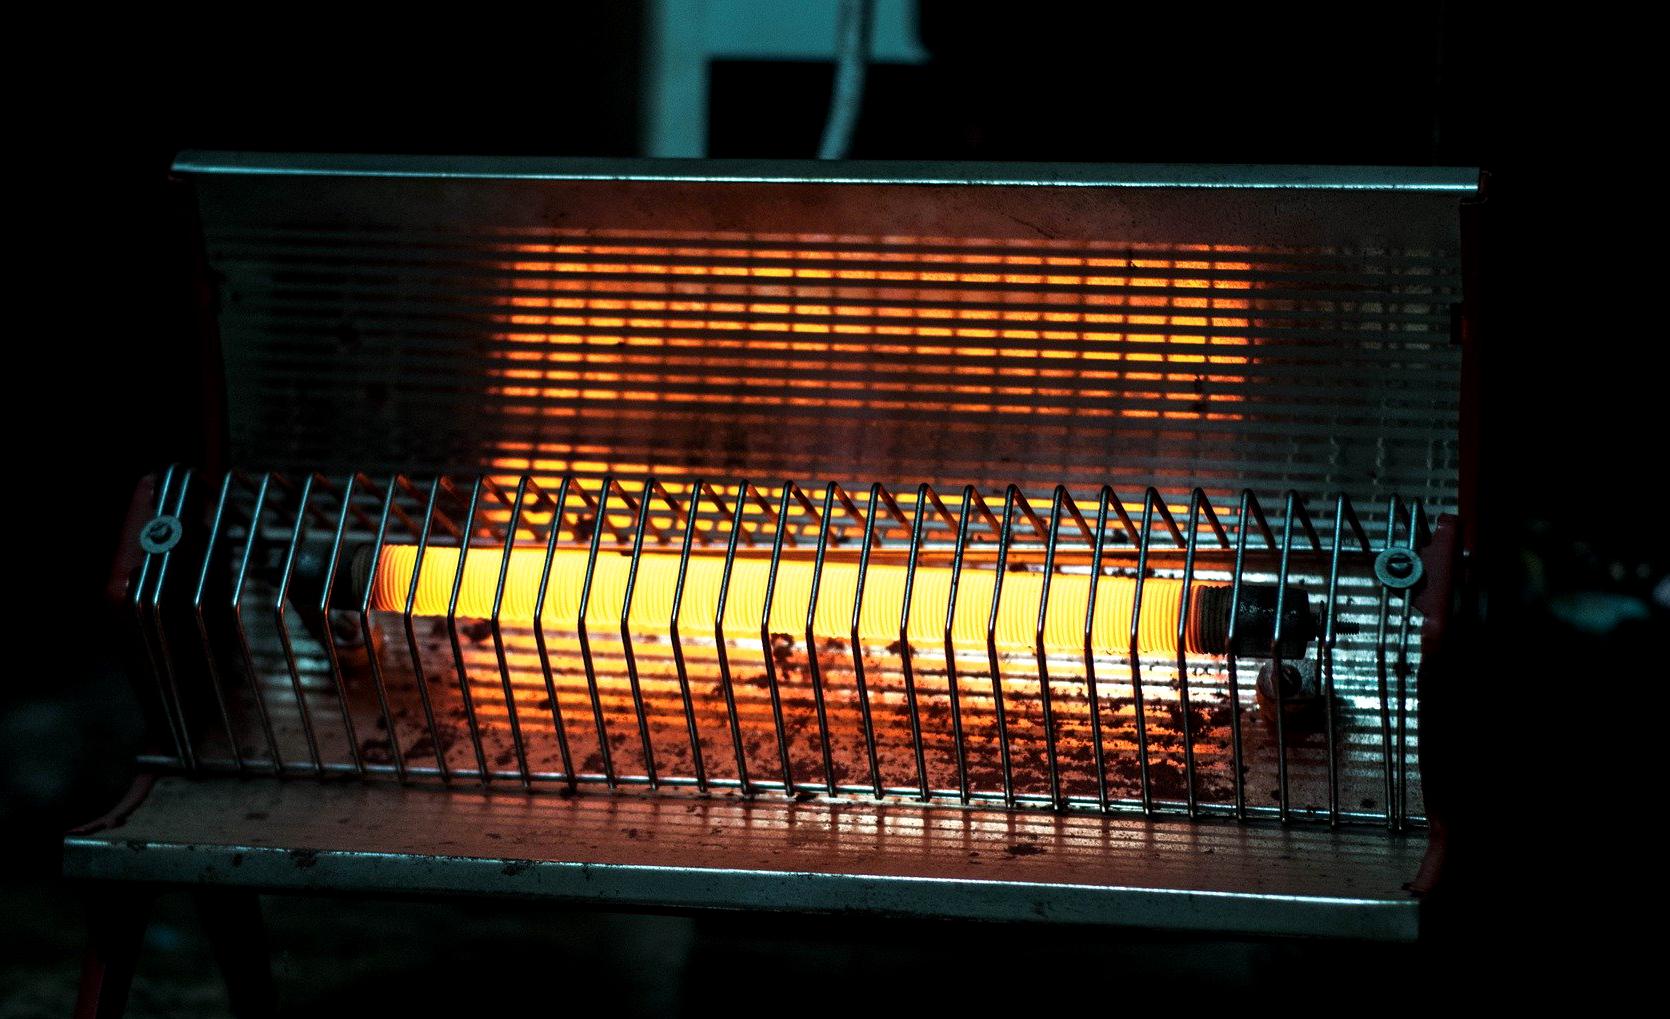 Dangerous electric bar heater